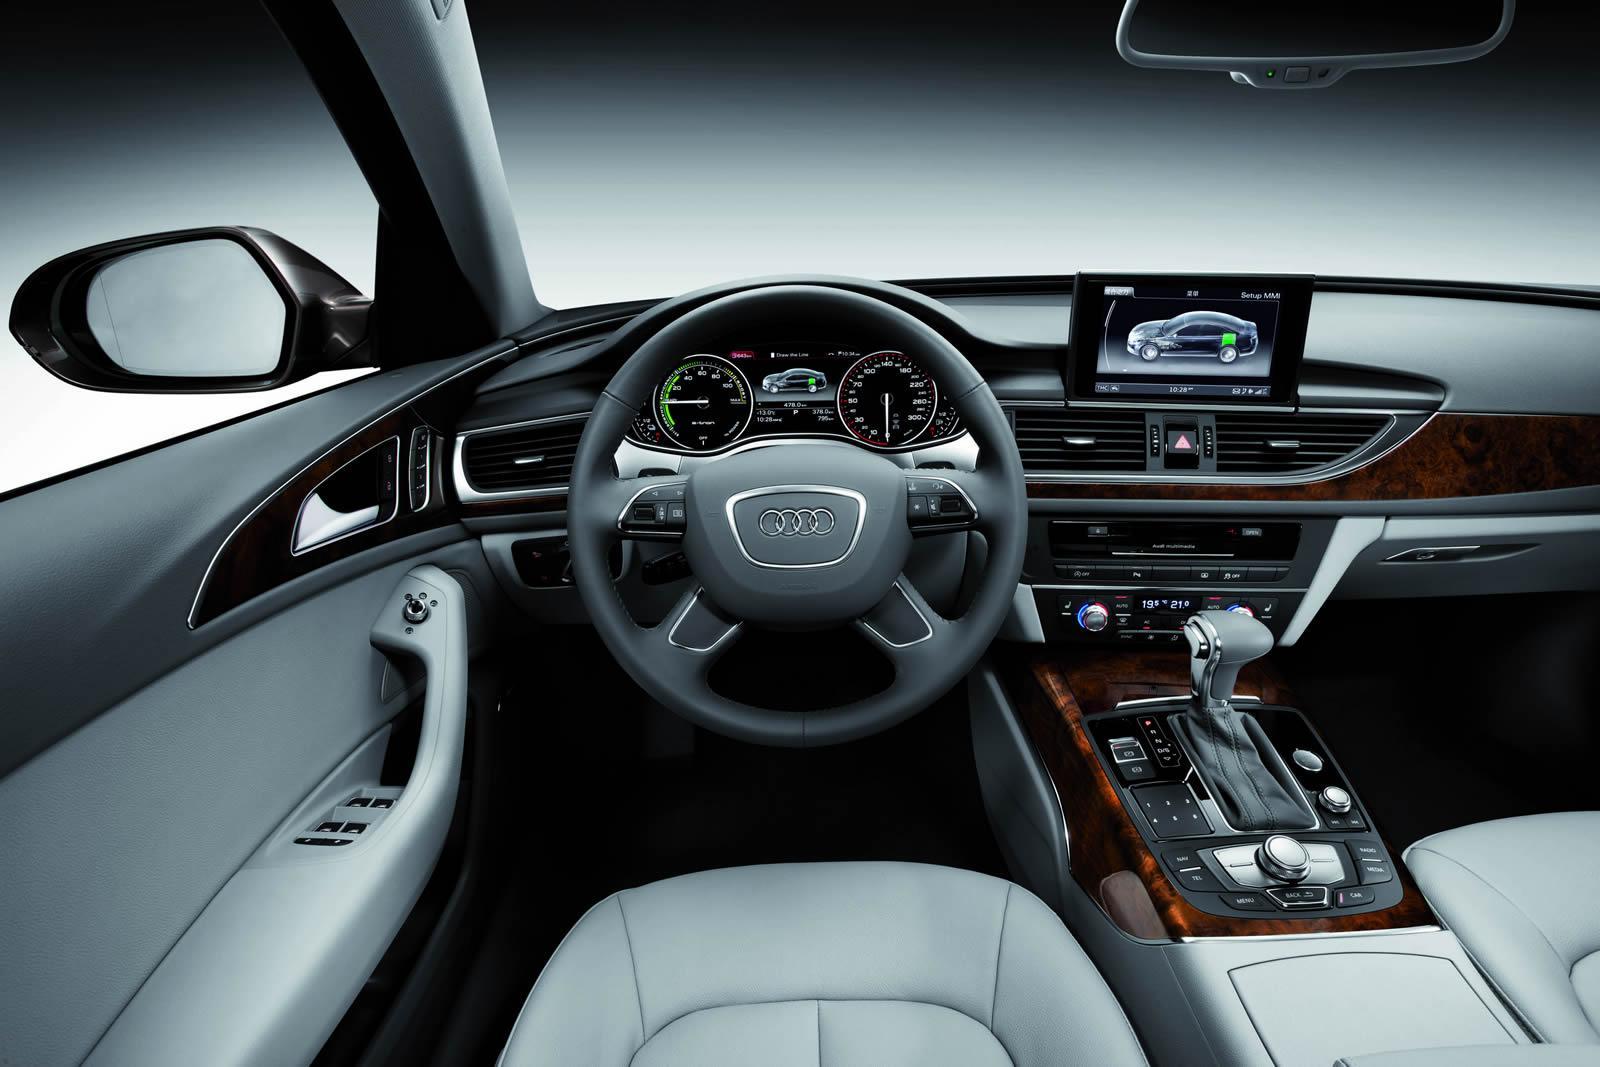 Салон Audi A6 L e-tron. Концепт 2012 года